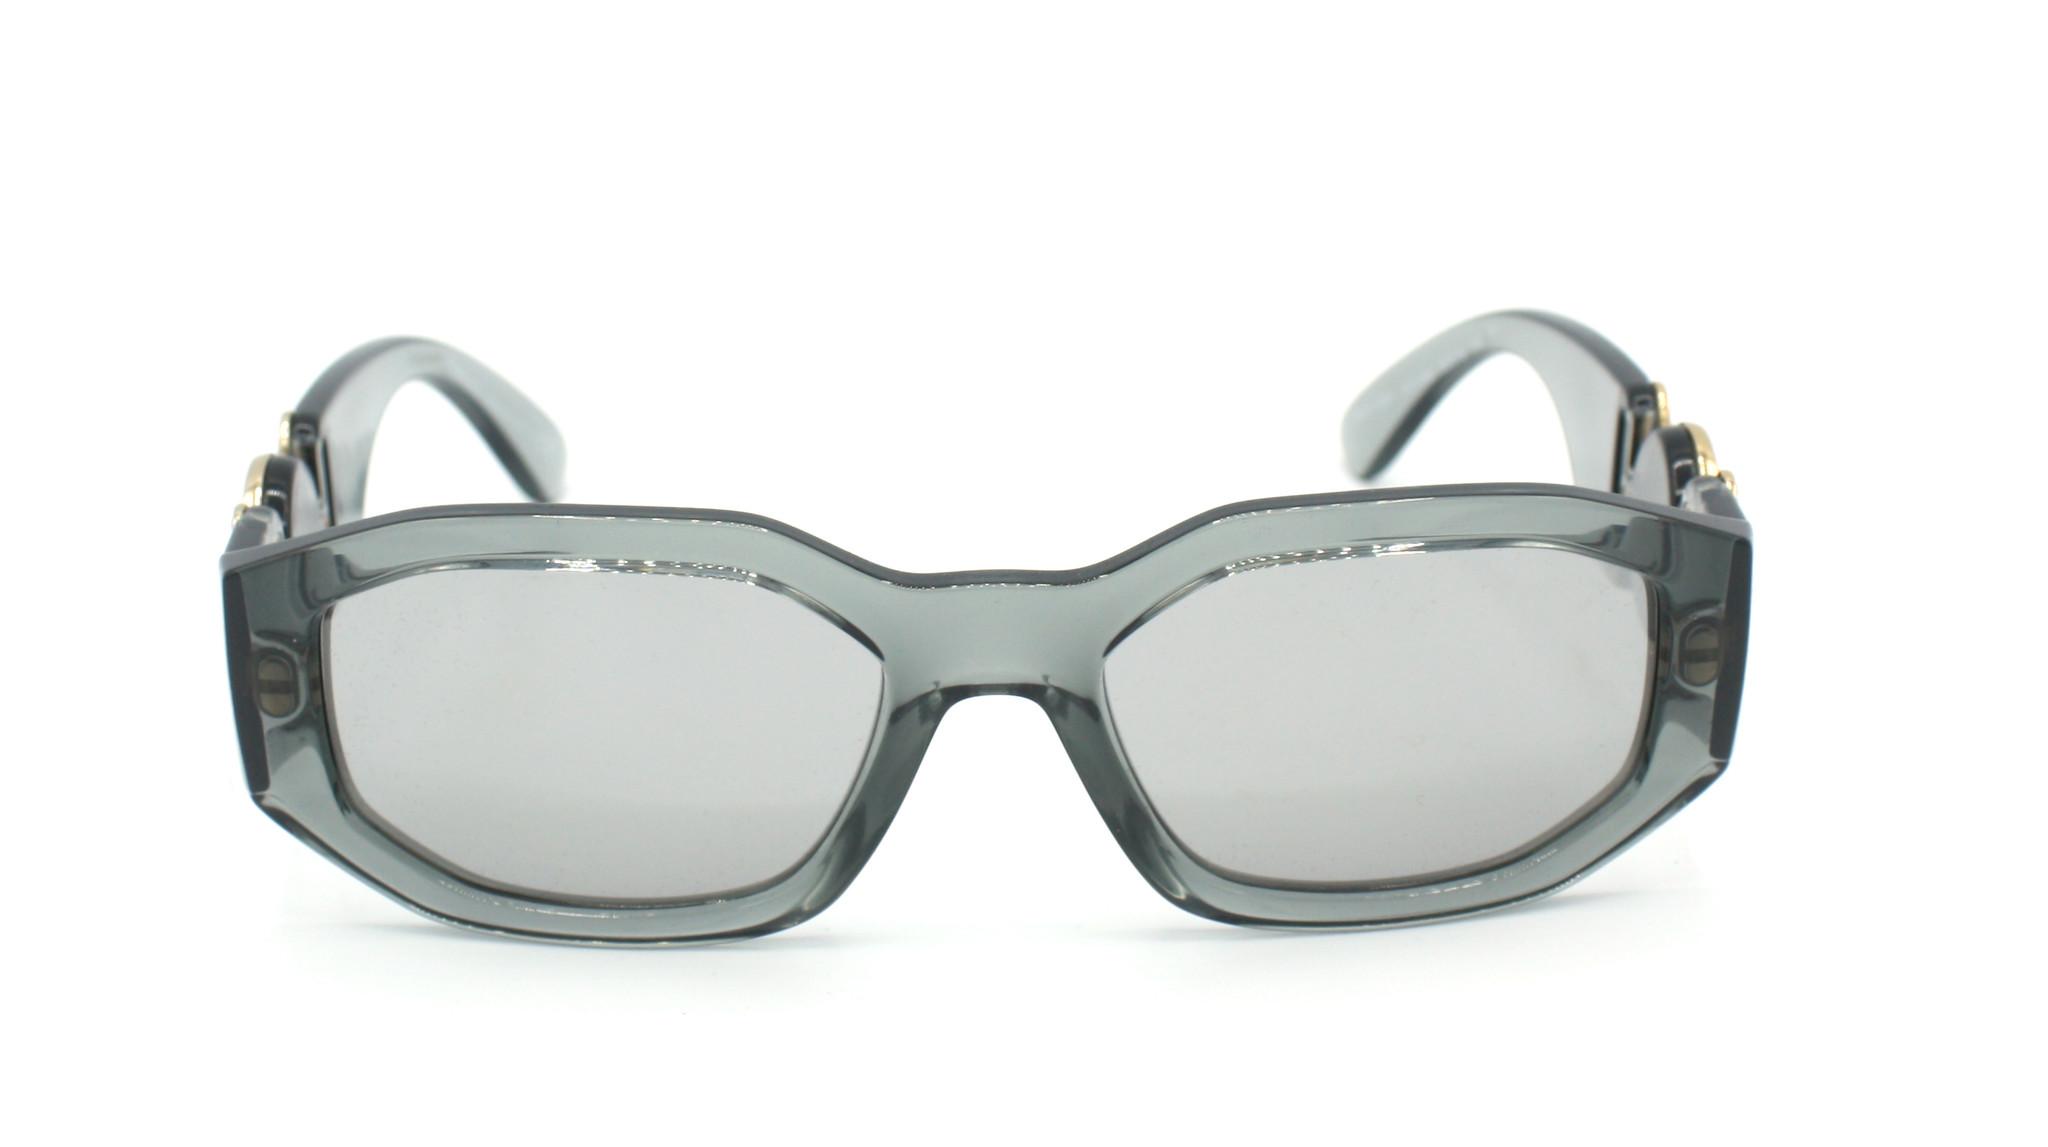 Versace - VE4361 - 311/6G53-1